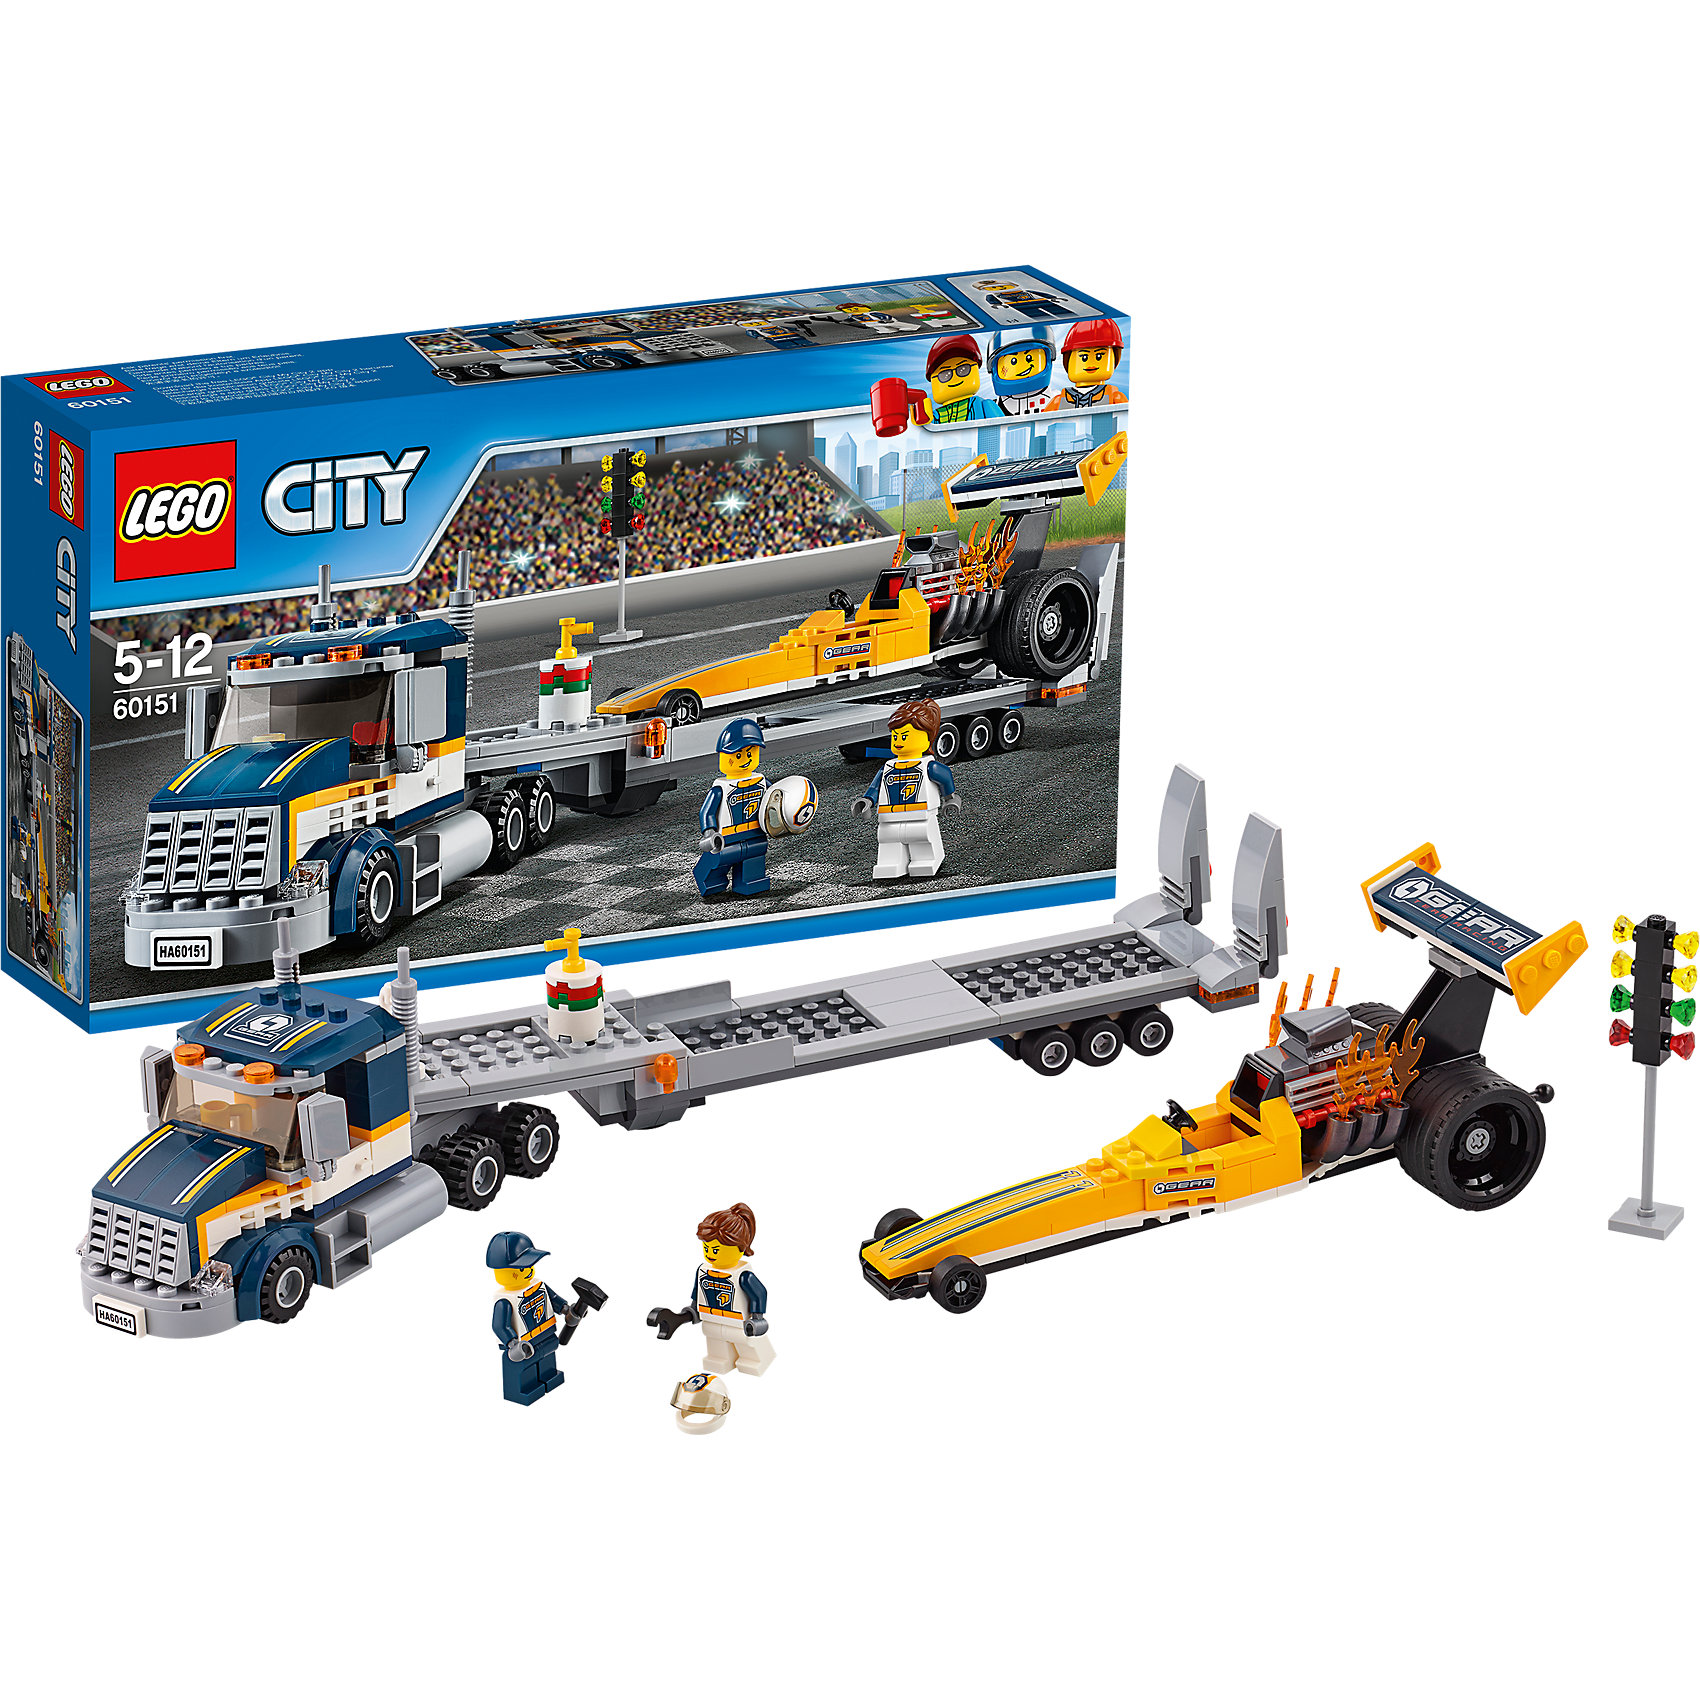 LEGO City 60151: Грузовик для перевозки драгстераПластмассовые конструкторы<br>LEGO City 60151: Грузовик для перевозки драгстера<br><br>Характеристики:<br><br>- в набор входит: грузовик с прицепом, гоночный болид, наклейки для оформления, 2 минифигурки, аксессуары, инструкция<br>- состав: пластик<br>- количество деталей: 333<br>- приблизительное время сборки: 60 минут<br>- размер коробки: 19 * 7 * 35 см.<br>- размер грузовика: 14 * 5 * 8 см.<br>- размер прицепа: 5 * 2 * 29 см.<br>- размер болида: 21 * 6 * 8 см.<br>- для детей в возрасте: от 5 до 12 лет<br>- Страна производитель: Дания/Китай/Чехия<br><br>Легендарный конструктор LEGO (ЛЕГО) представляет серию «City» (Сити) в виде деталей жизни большого города, в котором есть абсолютно все. Серия делает игры еще более настоящими, благодаря отличным аксессуарам. Сезон гонок на скоростных драгстерах октрыт! Два отважных гонщика перегоняют свой гоночный болид на место гоночного трека. Специальный Грузовик, выполненный из множества деталей поможет осуществитьмягкую перевозку дорогостоящего драгстера. Благодаря деталям капота, крыши, зеркалам заднего вида и 12ти колесам  грузовик с прицепом выглядит как настоящий. Скоростной болид представлен в ярком желтом цвете в сочетании с черными деталями. Отлично проработан двигатель драгстера, огненные детали показывают ревущий мотор. Команда гонщиков поддерживает друг друга. Две минифигурки одеты в похожие комбинезоны и могут меняться ролями механика и гонщика на ваше усмотрение. Фигурки отлично прорисованы и качественно детализированы, шлем гонщика с защитно прозрачной частью одевается на обе фигурки, а сама защитная часть двигается. Моделируй разные истории и ситуации в Лего Сити, а в процессе игры развивай творческие способности и претворяй свои идеи в жизнь. Этот интересный набор отлично подойдет как новичкам Лего, так и преданным фанатам и коллекционерам серии.<br><br>Конструктор LEGO City 60151: Грузовик для перевозки драгстера можно купить в нашем интернет-магазине.<br><br>Ши